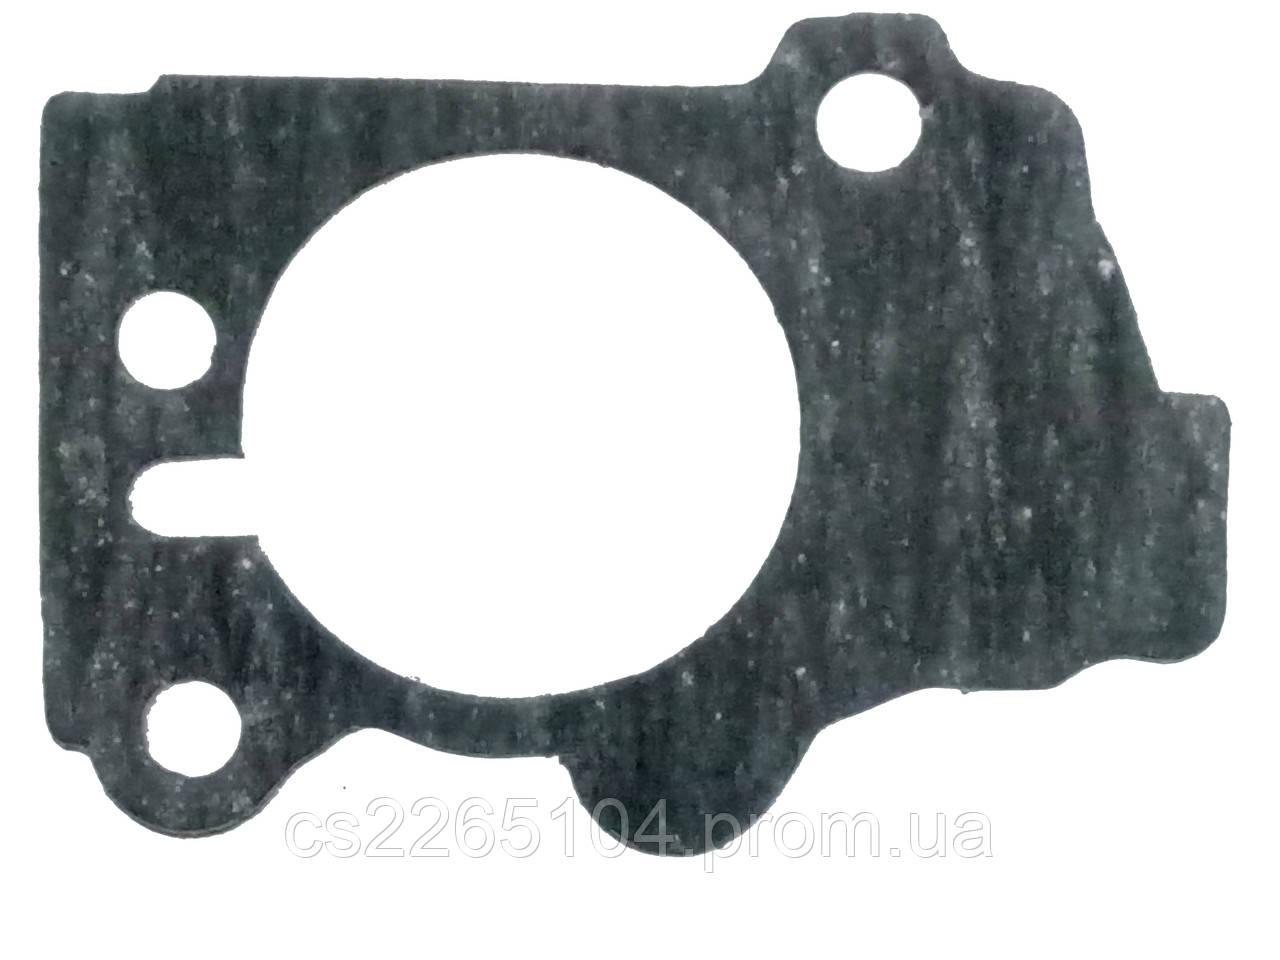 Прокладка дроссельной заслонки ВАЗ 2112 (Паронит)